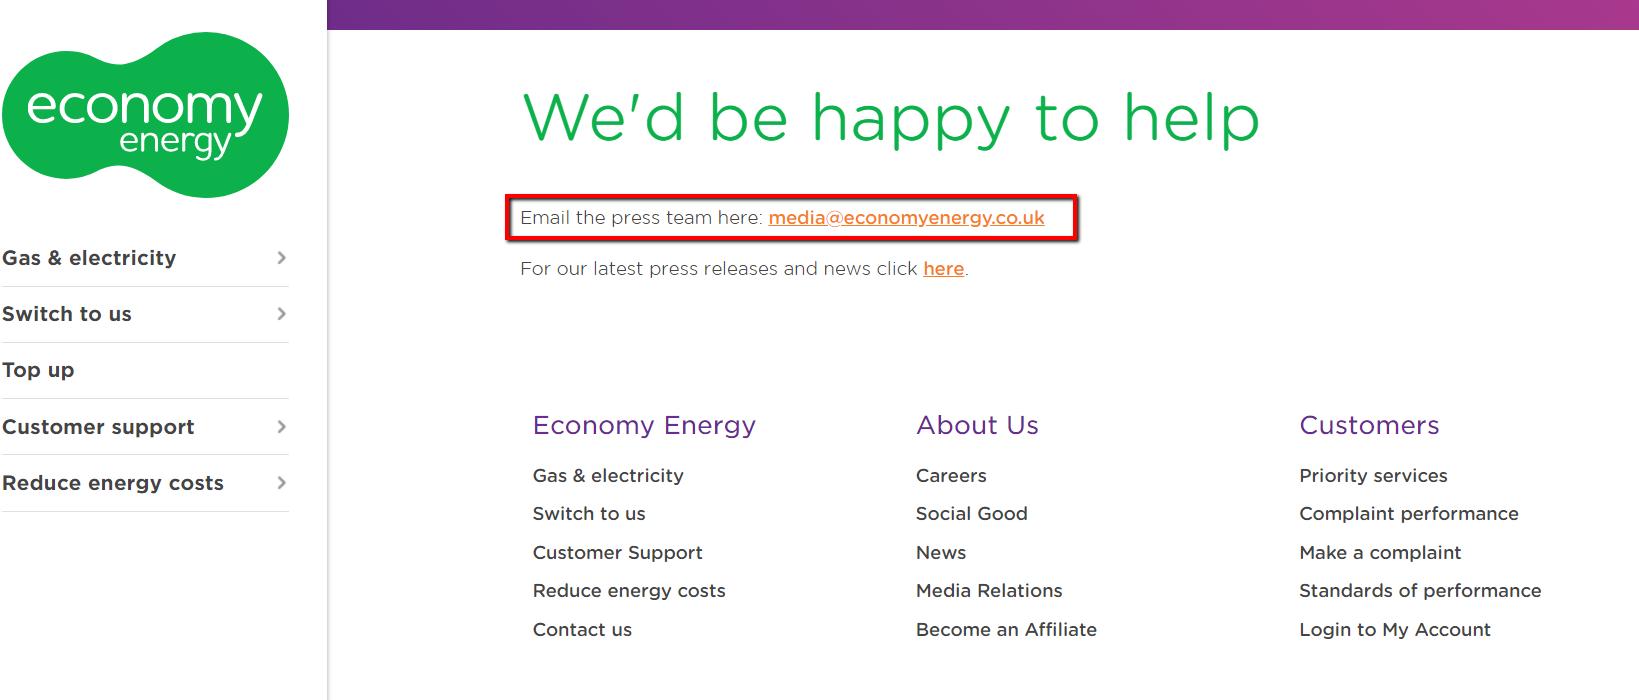 Economy_Energy_email